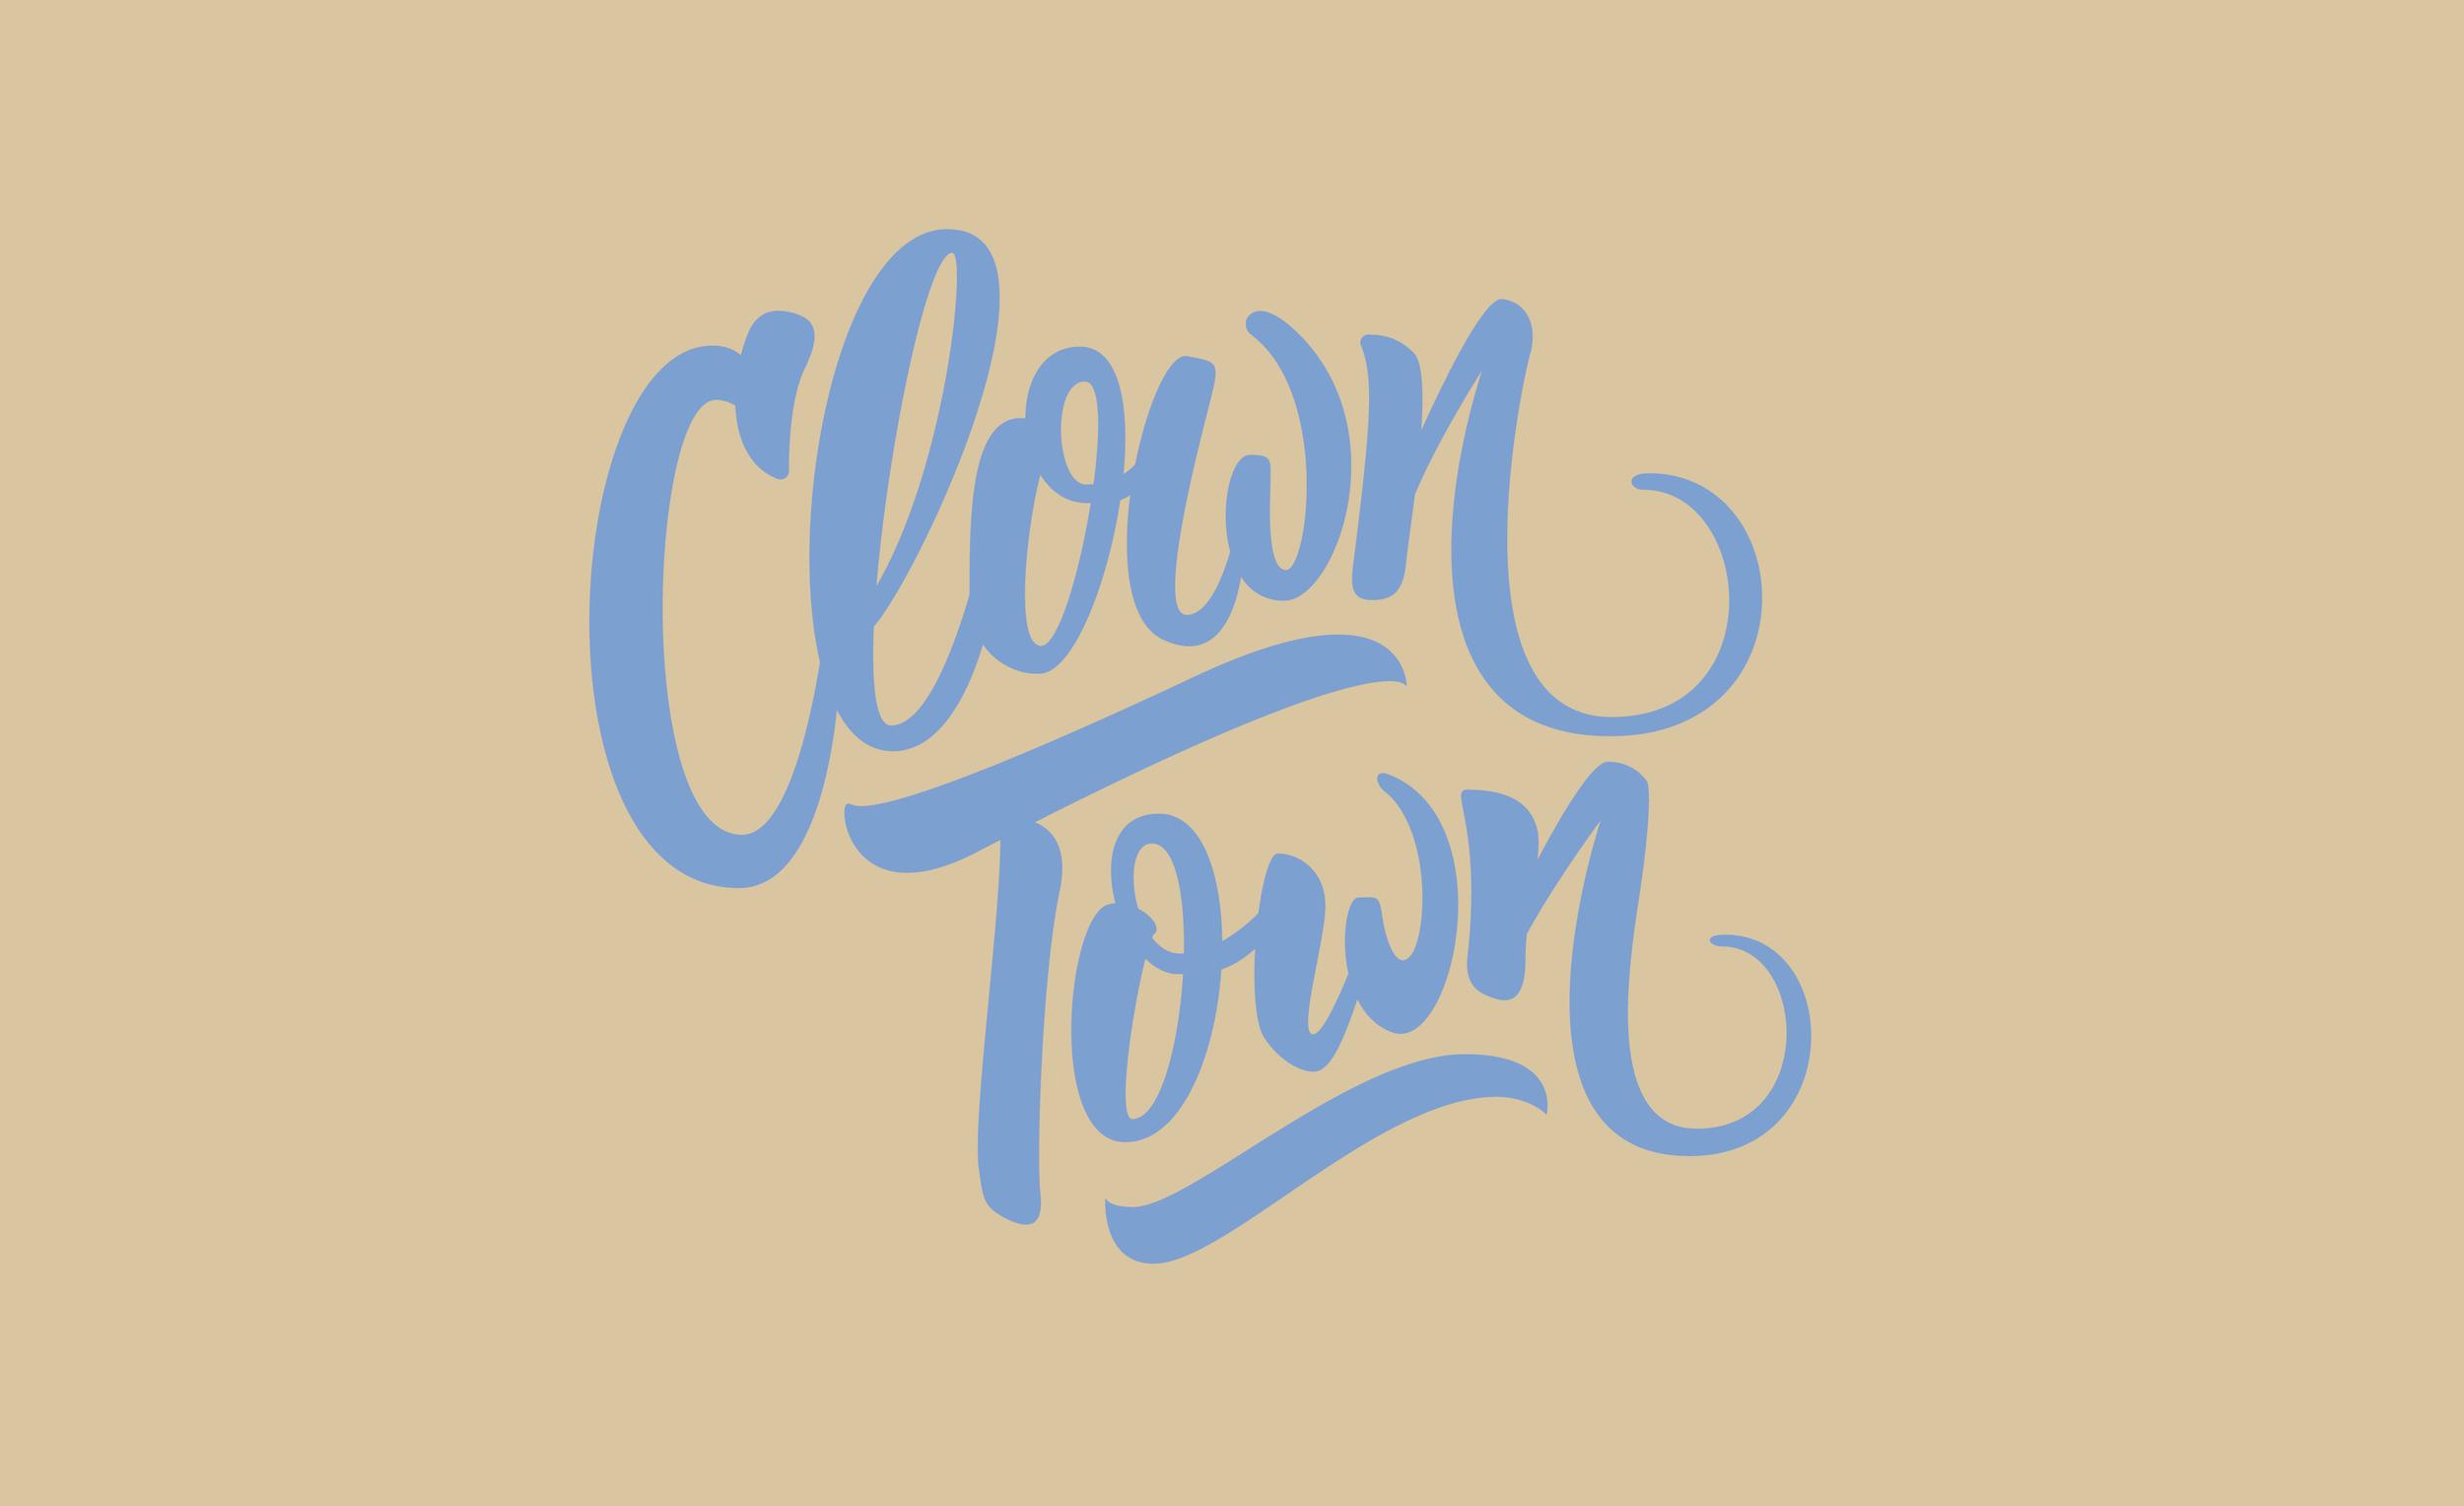 Clown Town